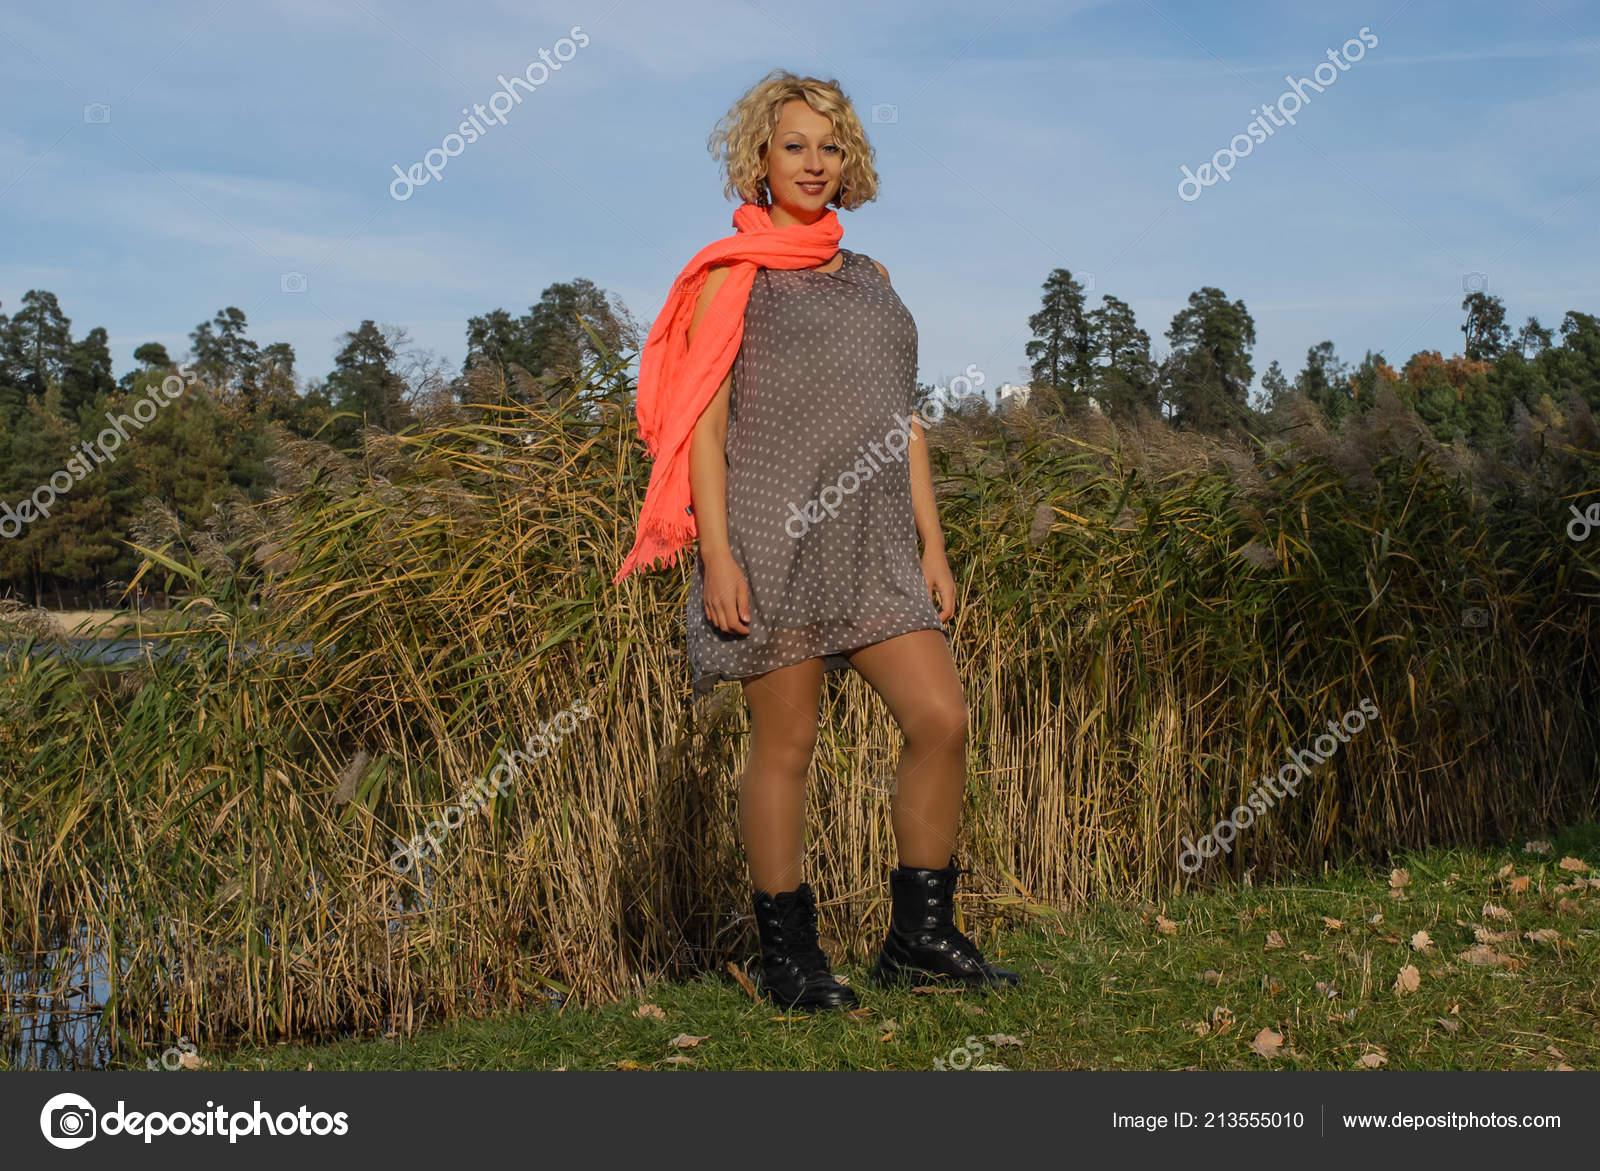 8b66c2df7bb0 Jeune Femme Enceinte Due Forme Foulard Orange Automne Parc Jolie — Photo